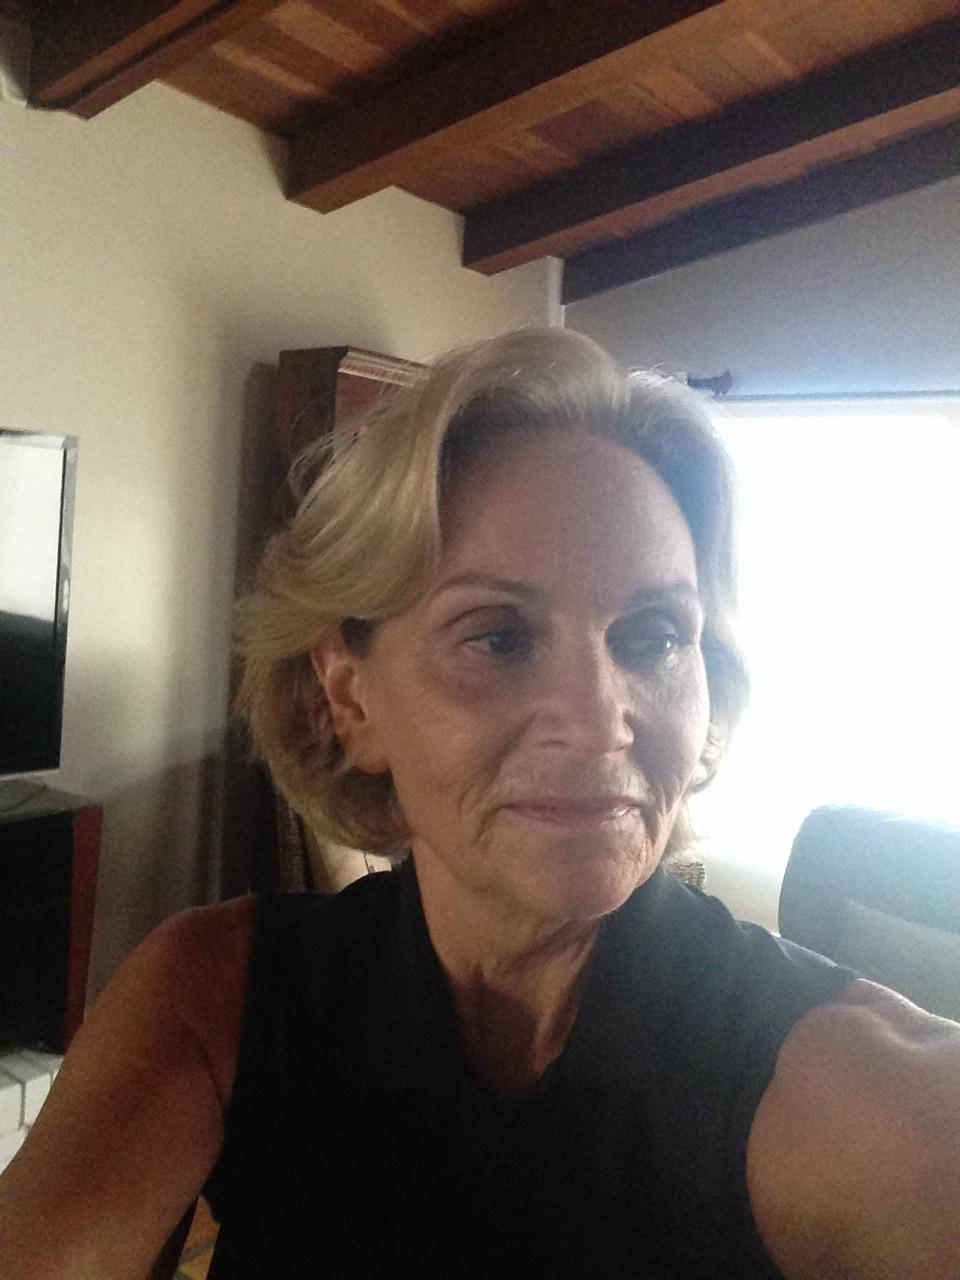 Carolyn from Malibu